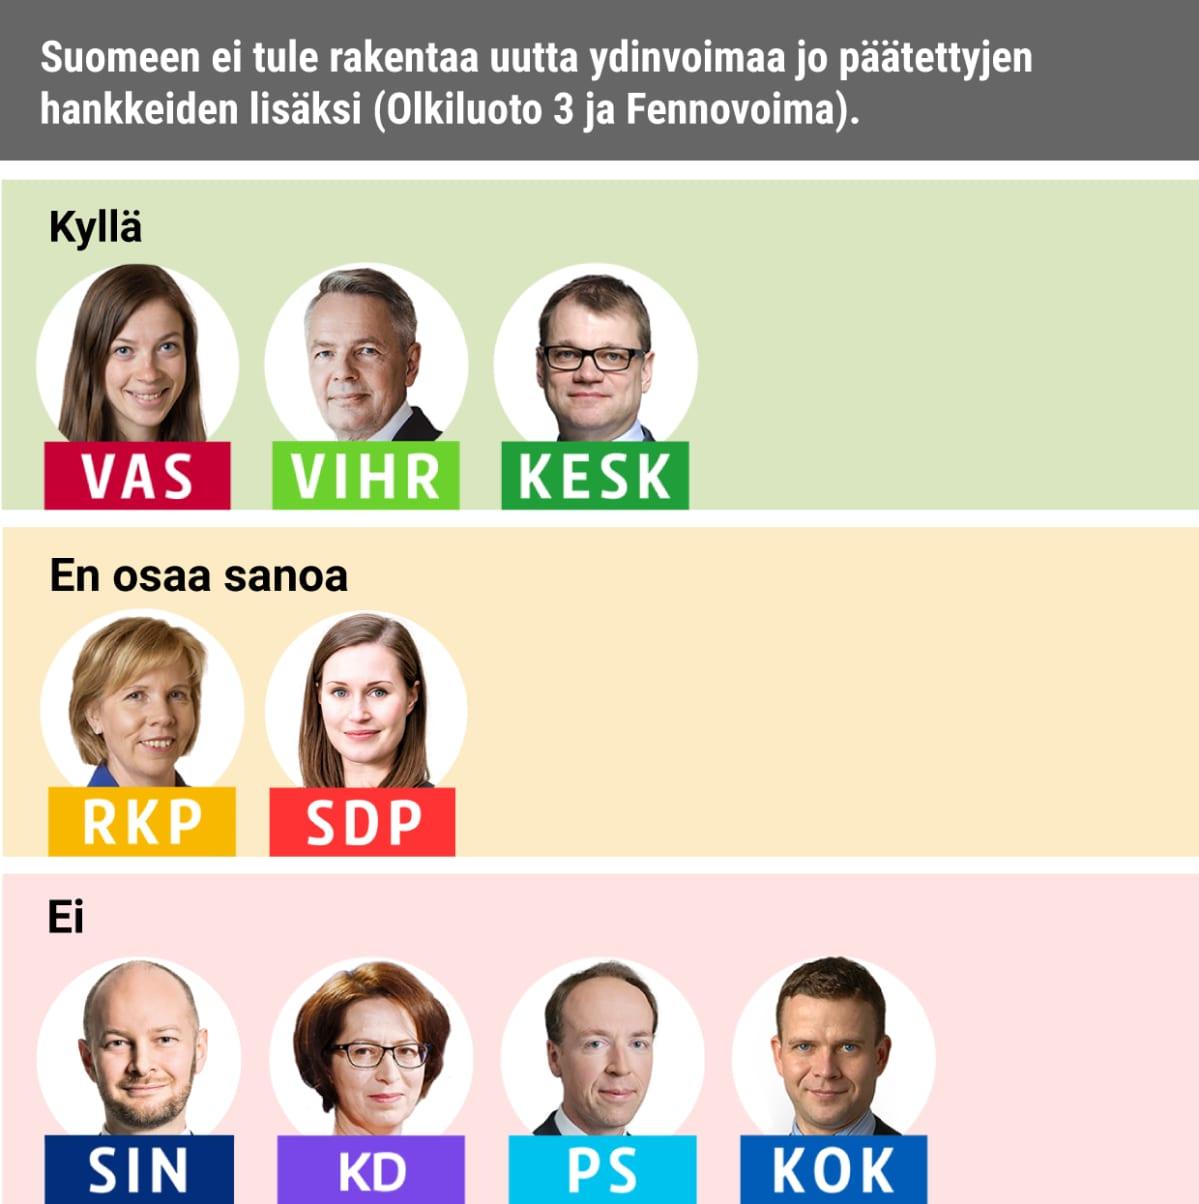 Suomeen ei tule rakentaa uutta ydinvoimaa jo päätettyjen hankkeiden lisäksi (Olkiluoto 3 ja Fennovoima). Kyllä: Vasemmistoliitto, Vihreät, Keskusta Ei: Siniset, KD, PS, Kokoomus EOS: RKP, SDP